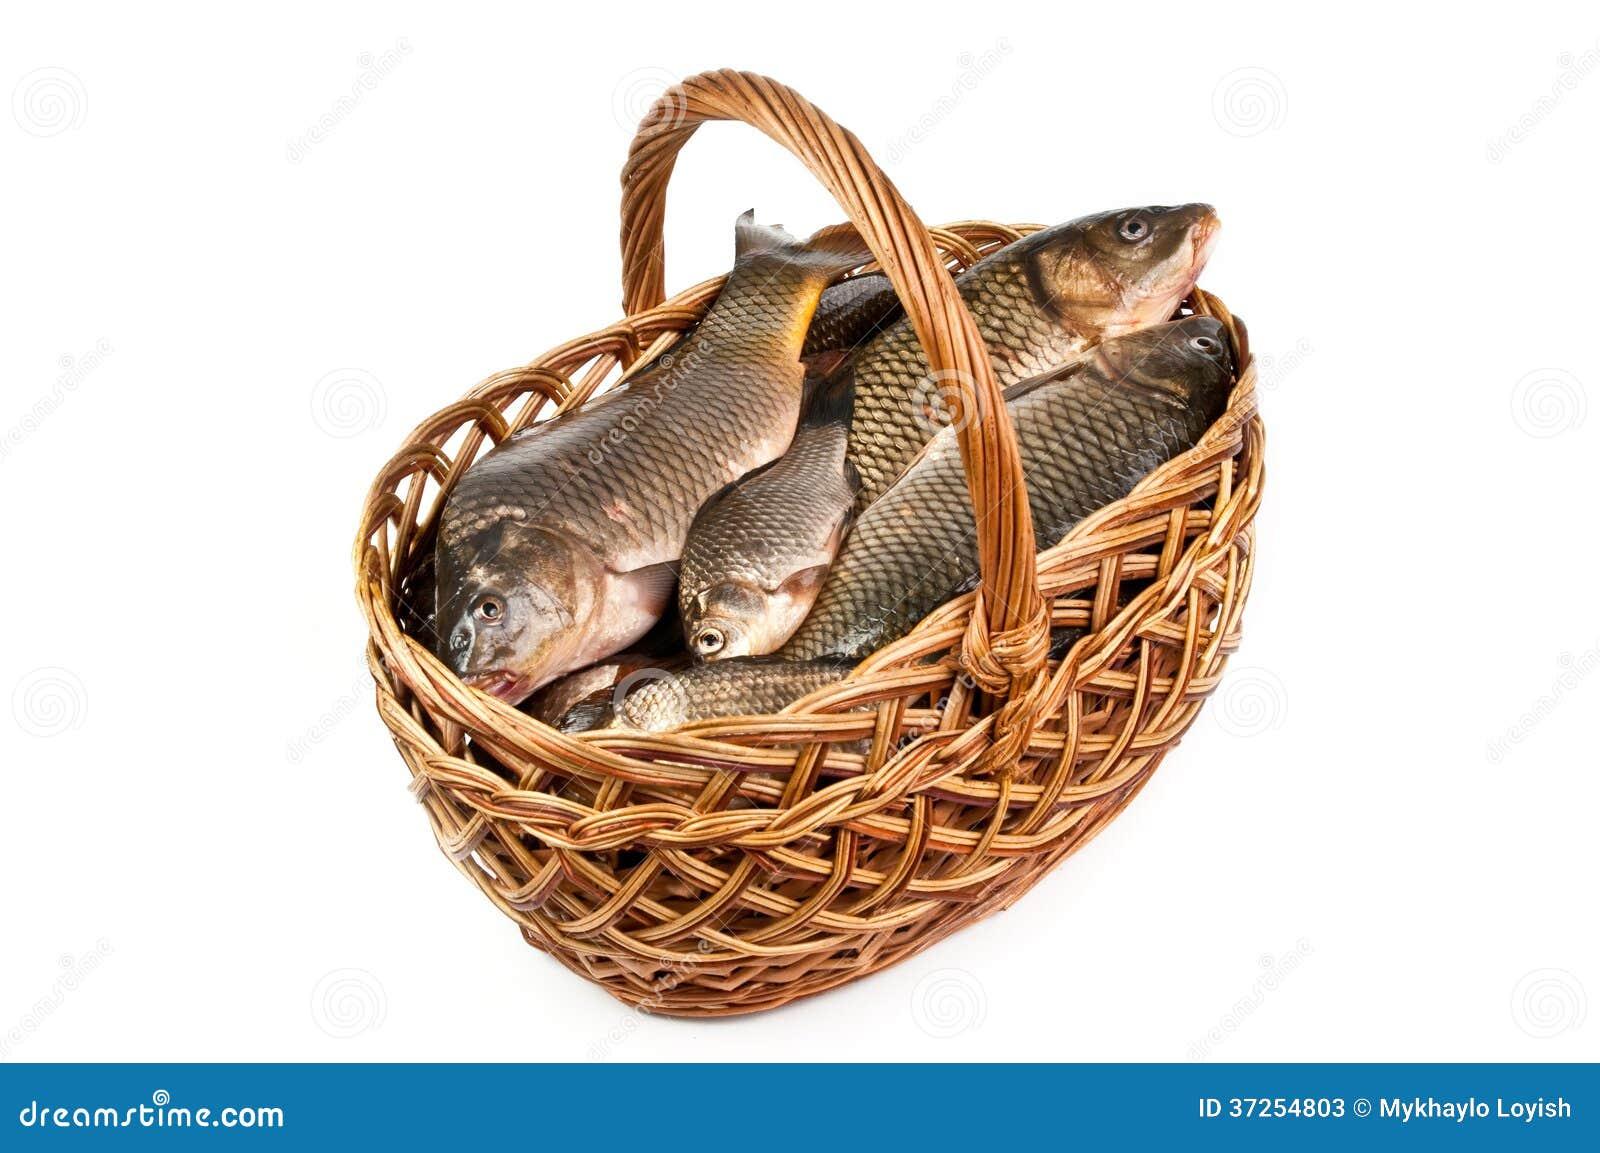 poisson frais dans un panier image stock image 37254803. Black Bedroom Furniture Sets. Home Design Ideas